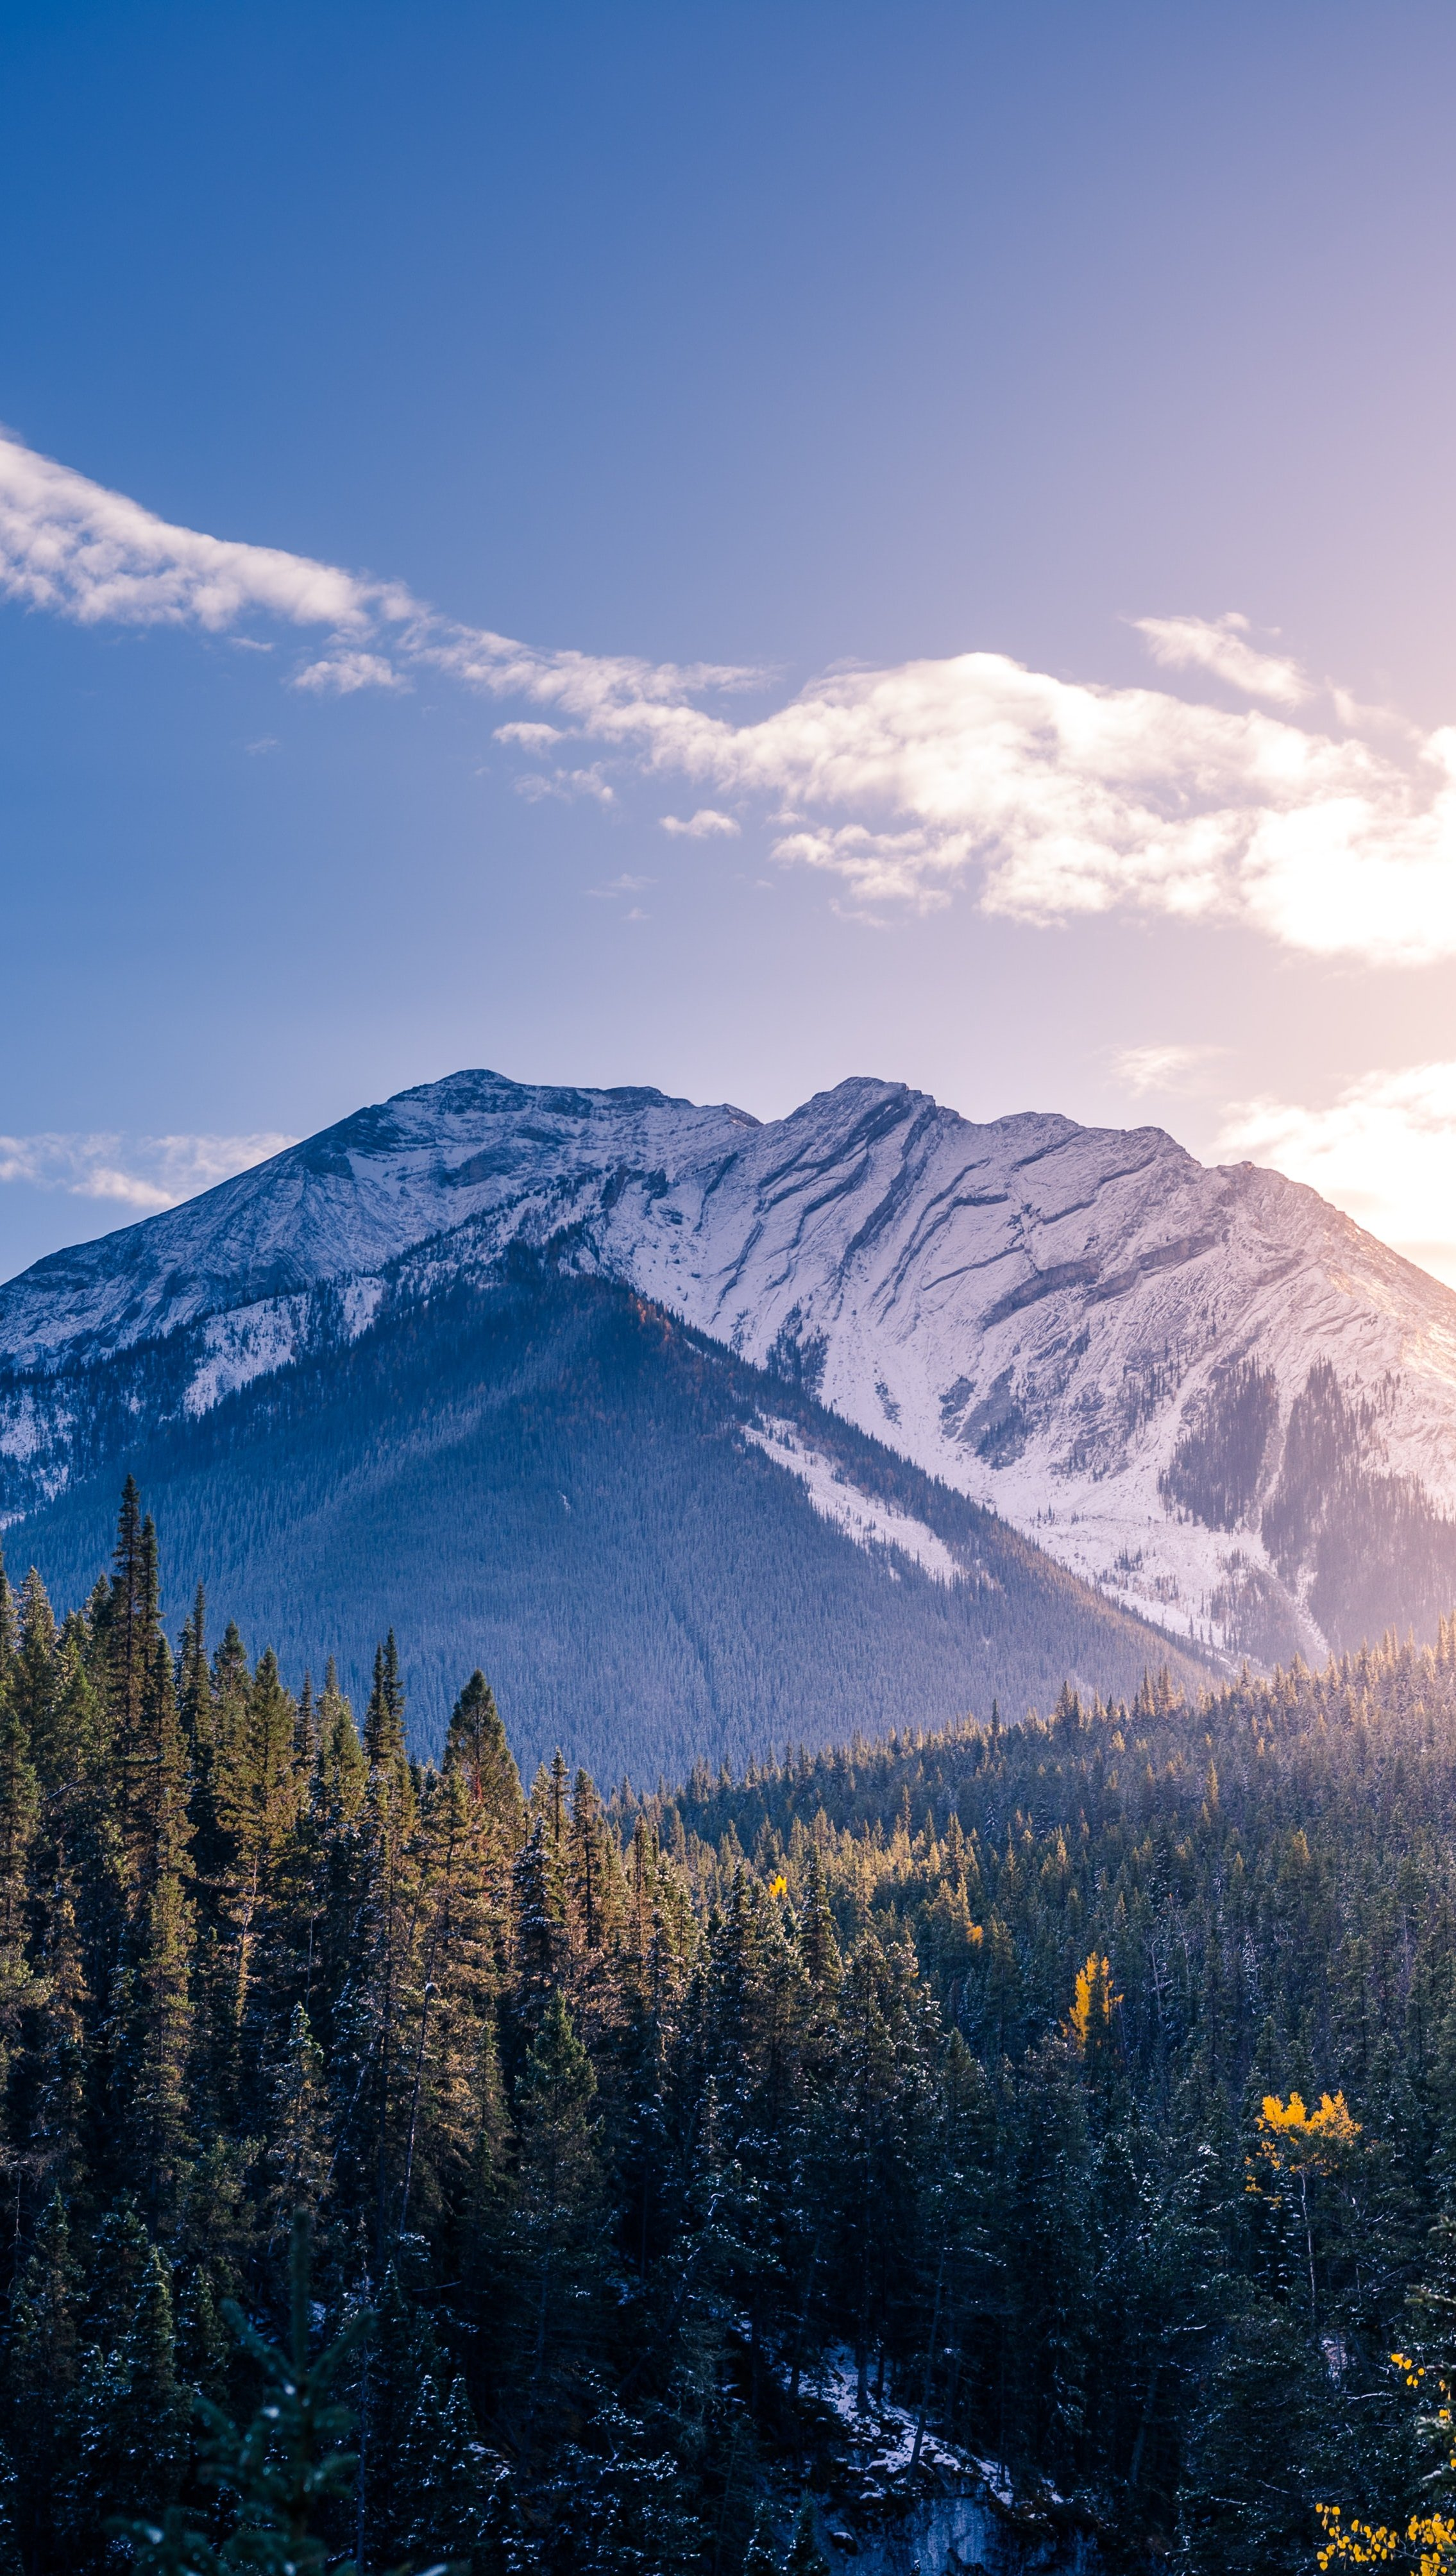 Fondos de pantalla Bosque en las montañas al amanecer Vertical